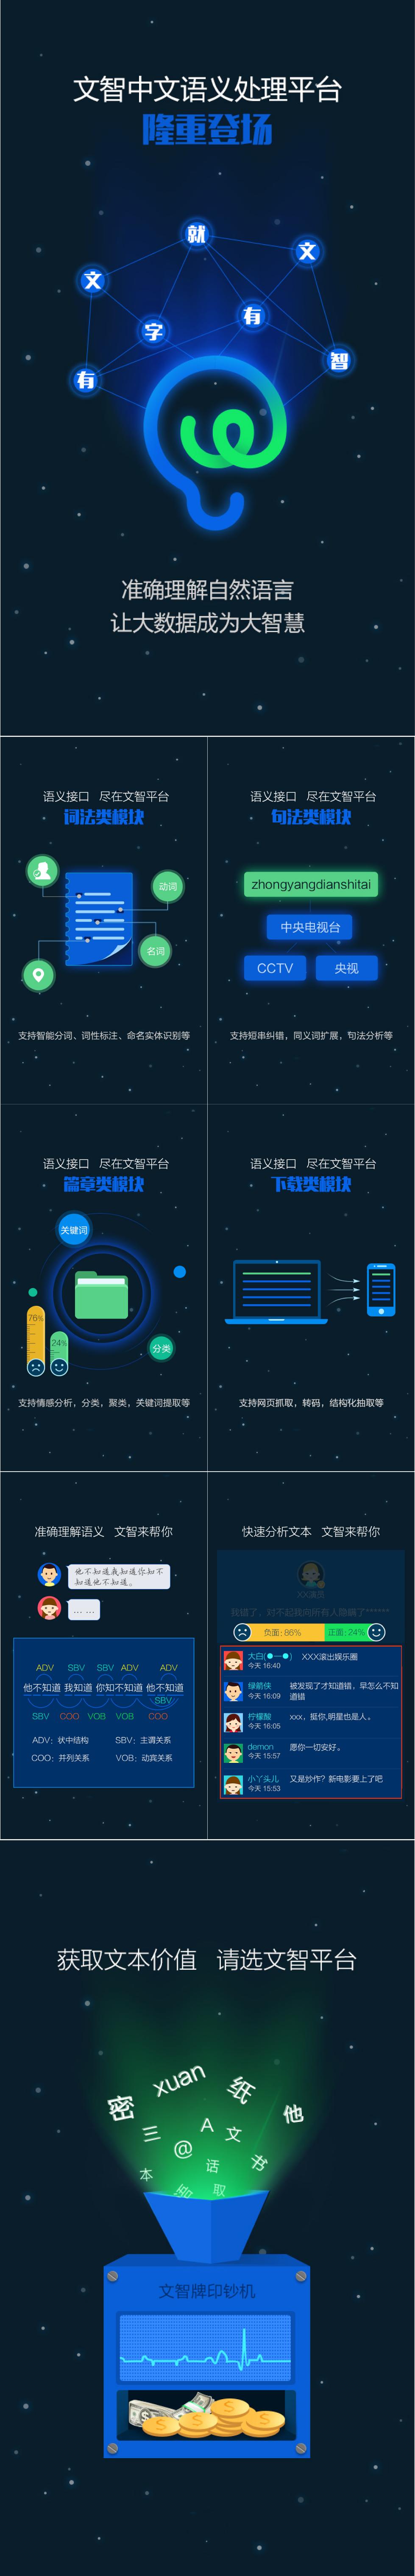 文智-邮件4.png